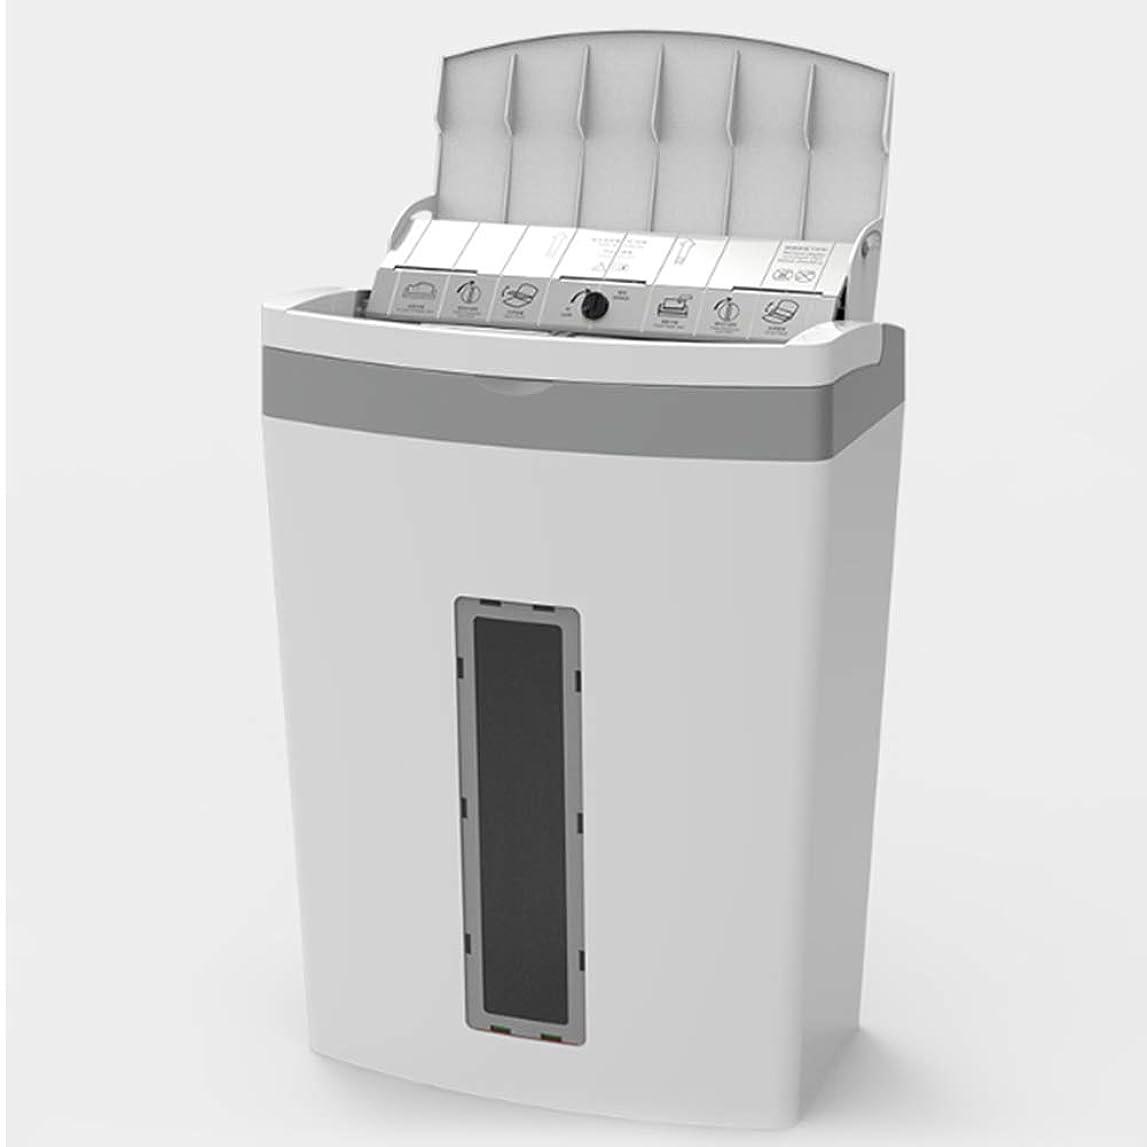 抑止する良い軽量クロスカットヘビーシュレッダー6台、連続稼働時間10分、オフィスクレジットカード/ステープラーシュレッダー、ダンボール偽造防止システム付きサイレントシュレッダー(ゴミ箱付き)